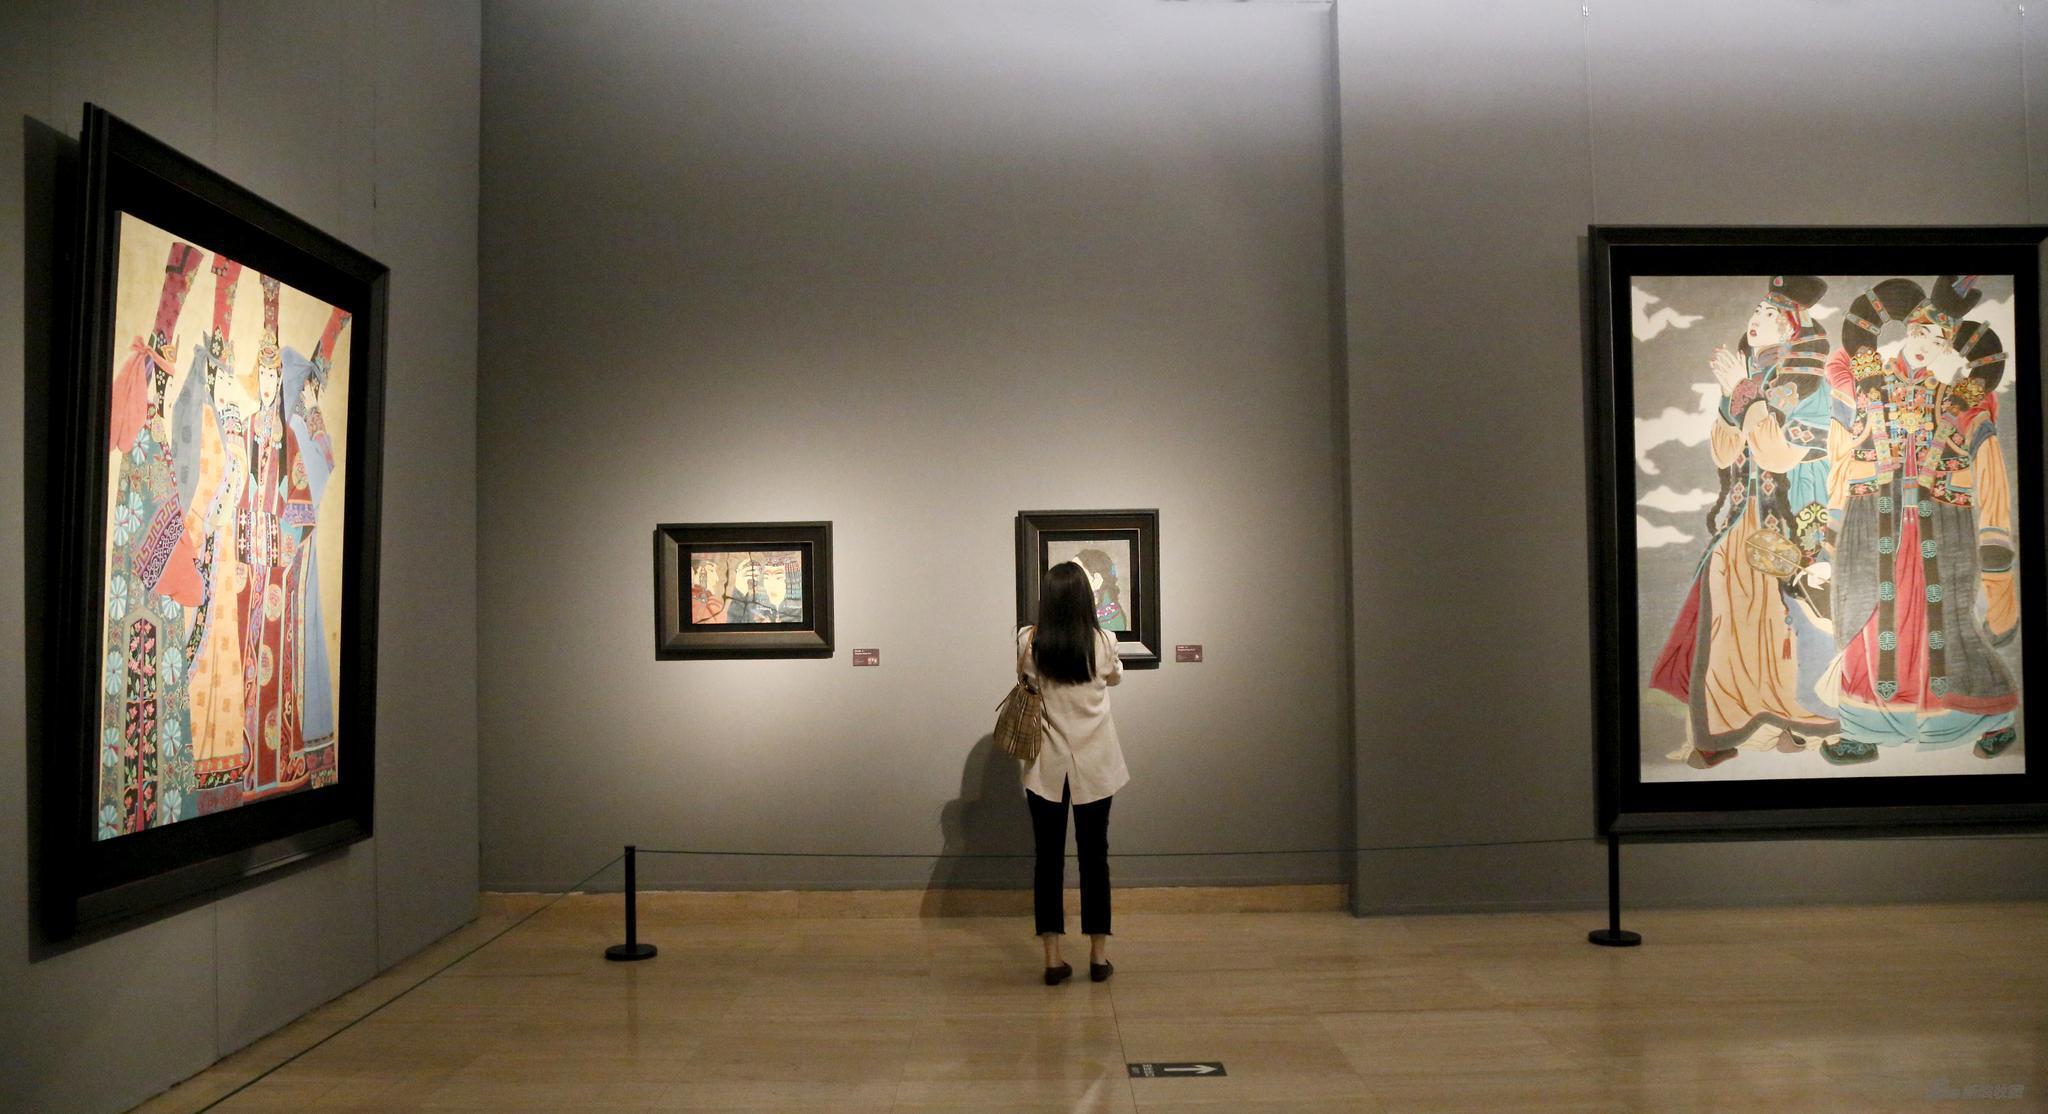 展览推荐 | 至真至美——苏茹娅艺术展